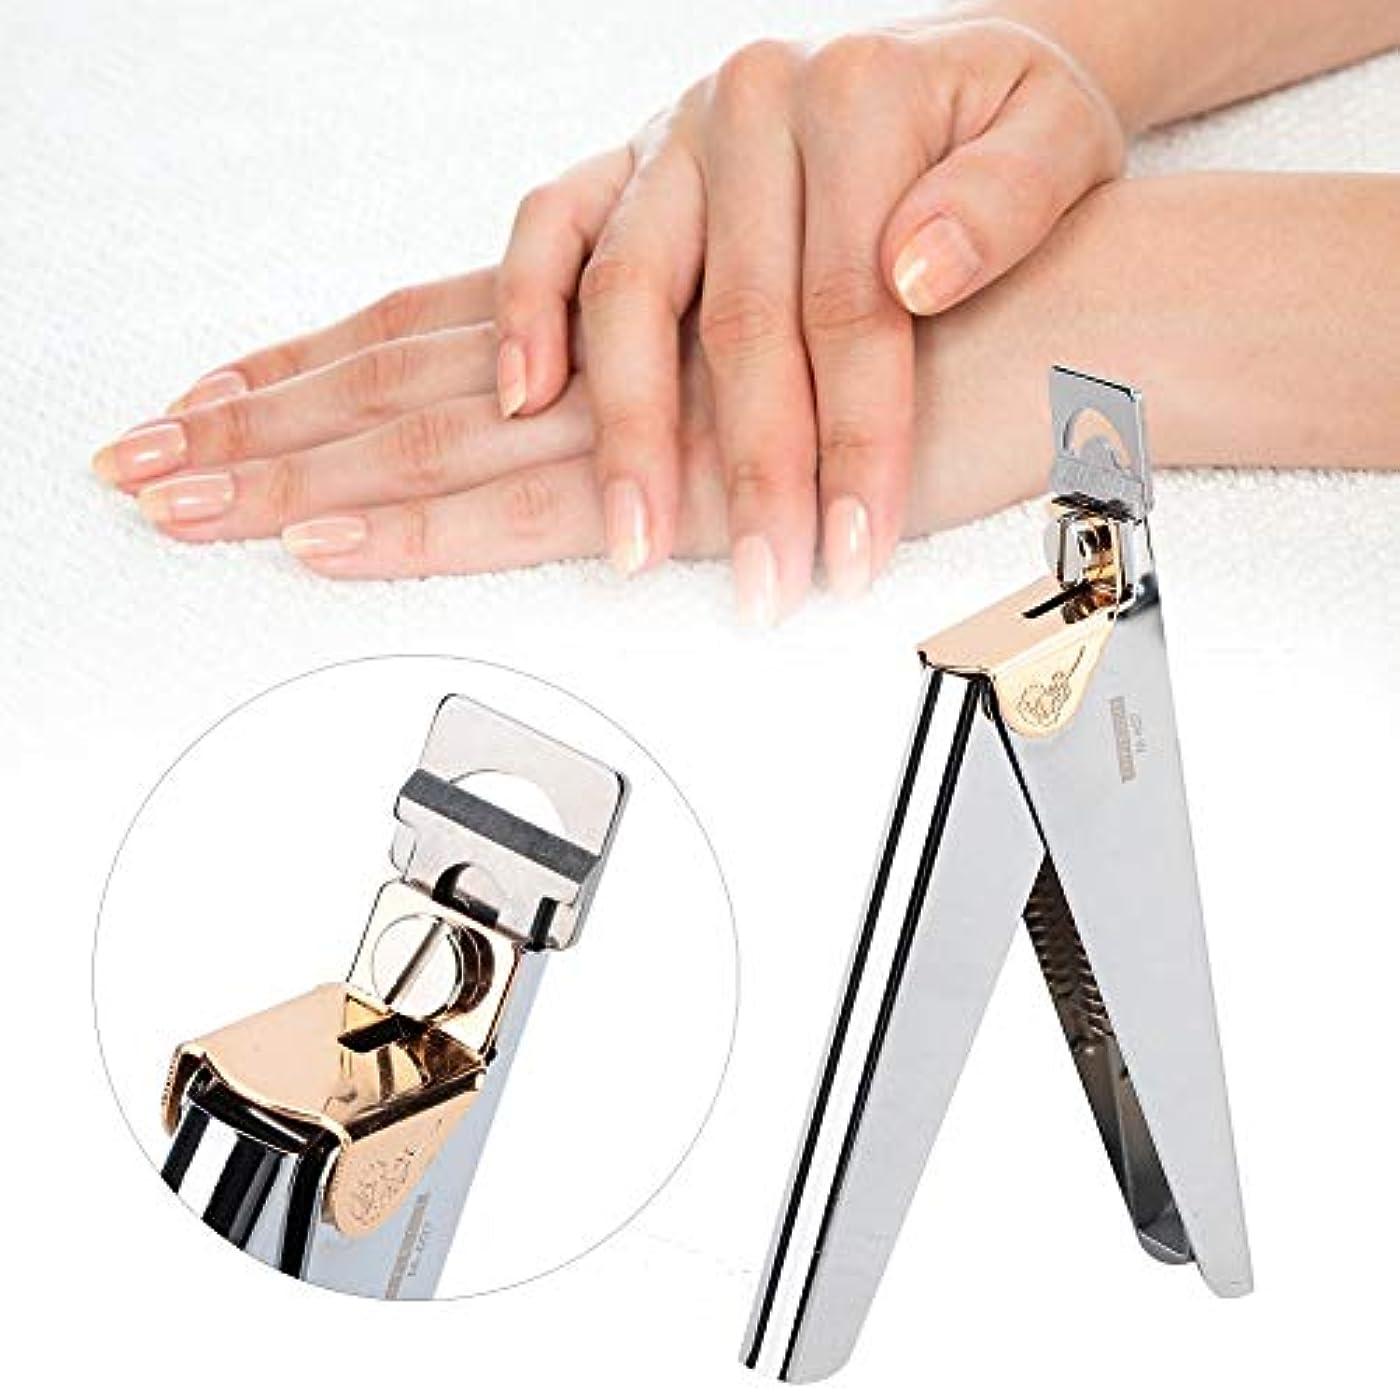 として道路を作るプロセスリップ指爪 爪ケア ネイルチップクリッパーカッター フランス式 プロ U字型ネイルアートクリッパーはさみ - マニキュア偽ネイルチップカッター - ステンレス鋼